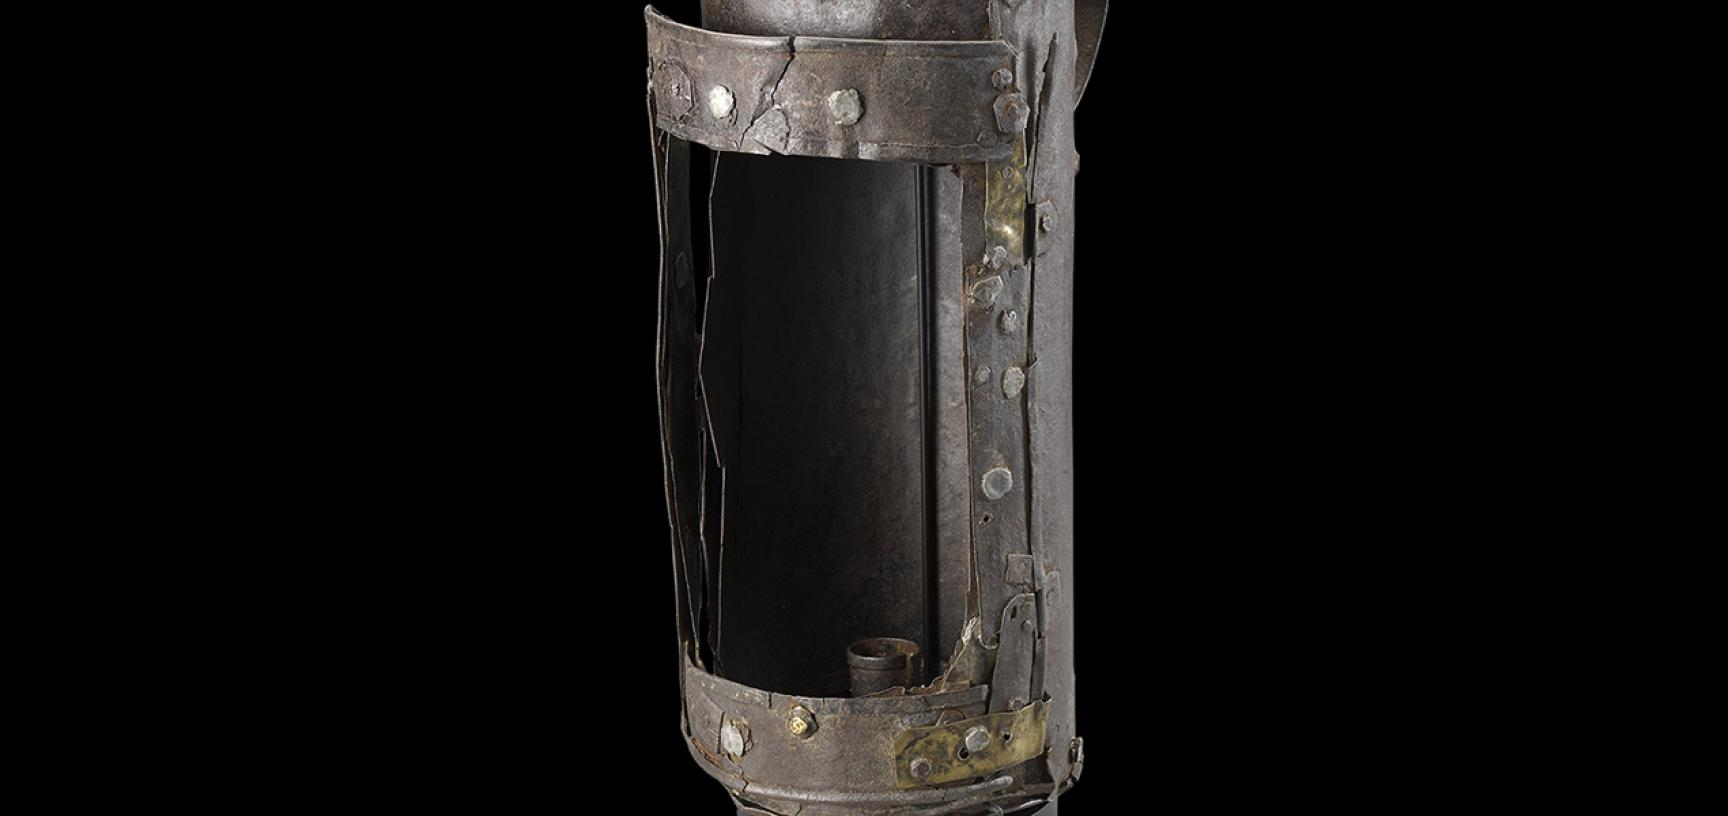 Guy Fawkes' lantern (detail)